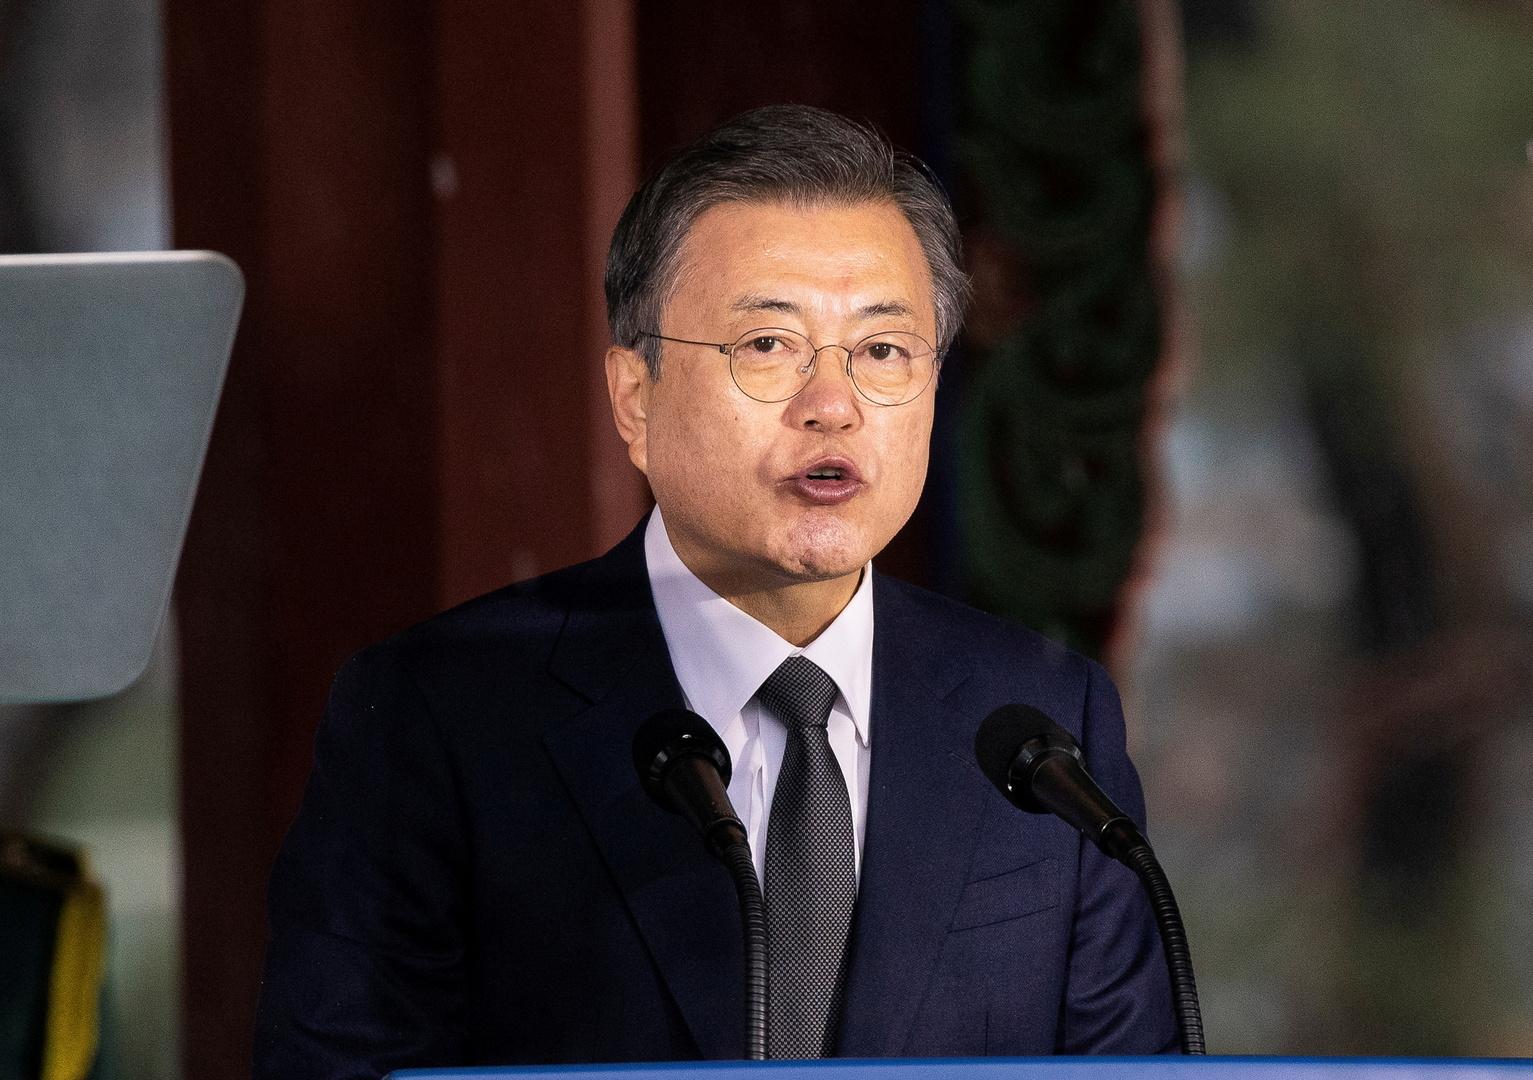 رئيس كوريا الجنوبية: سأجد طريقة للسلام مع الشمال لكنني لن أستعجل